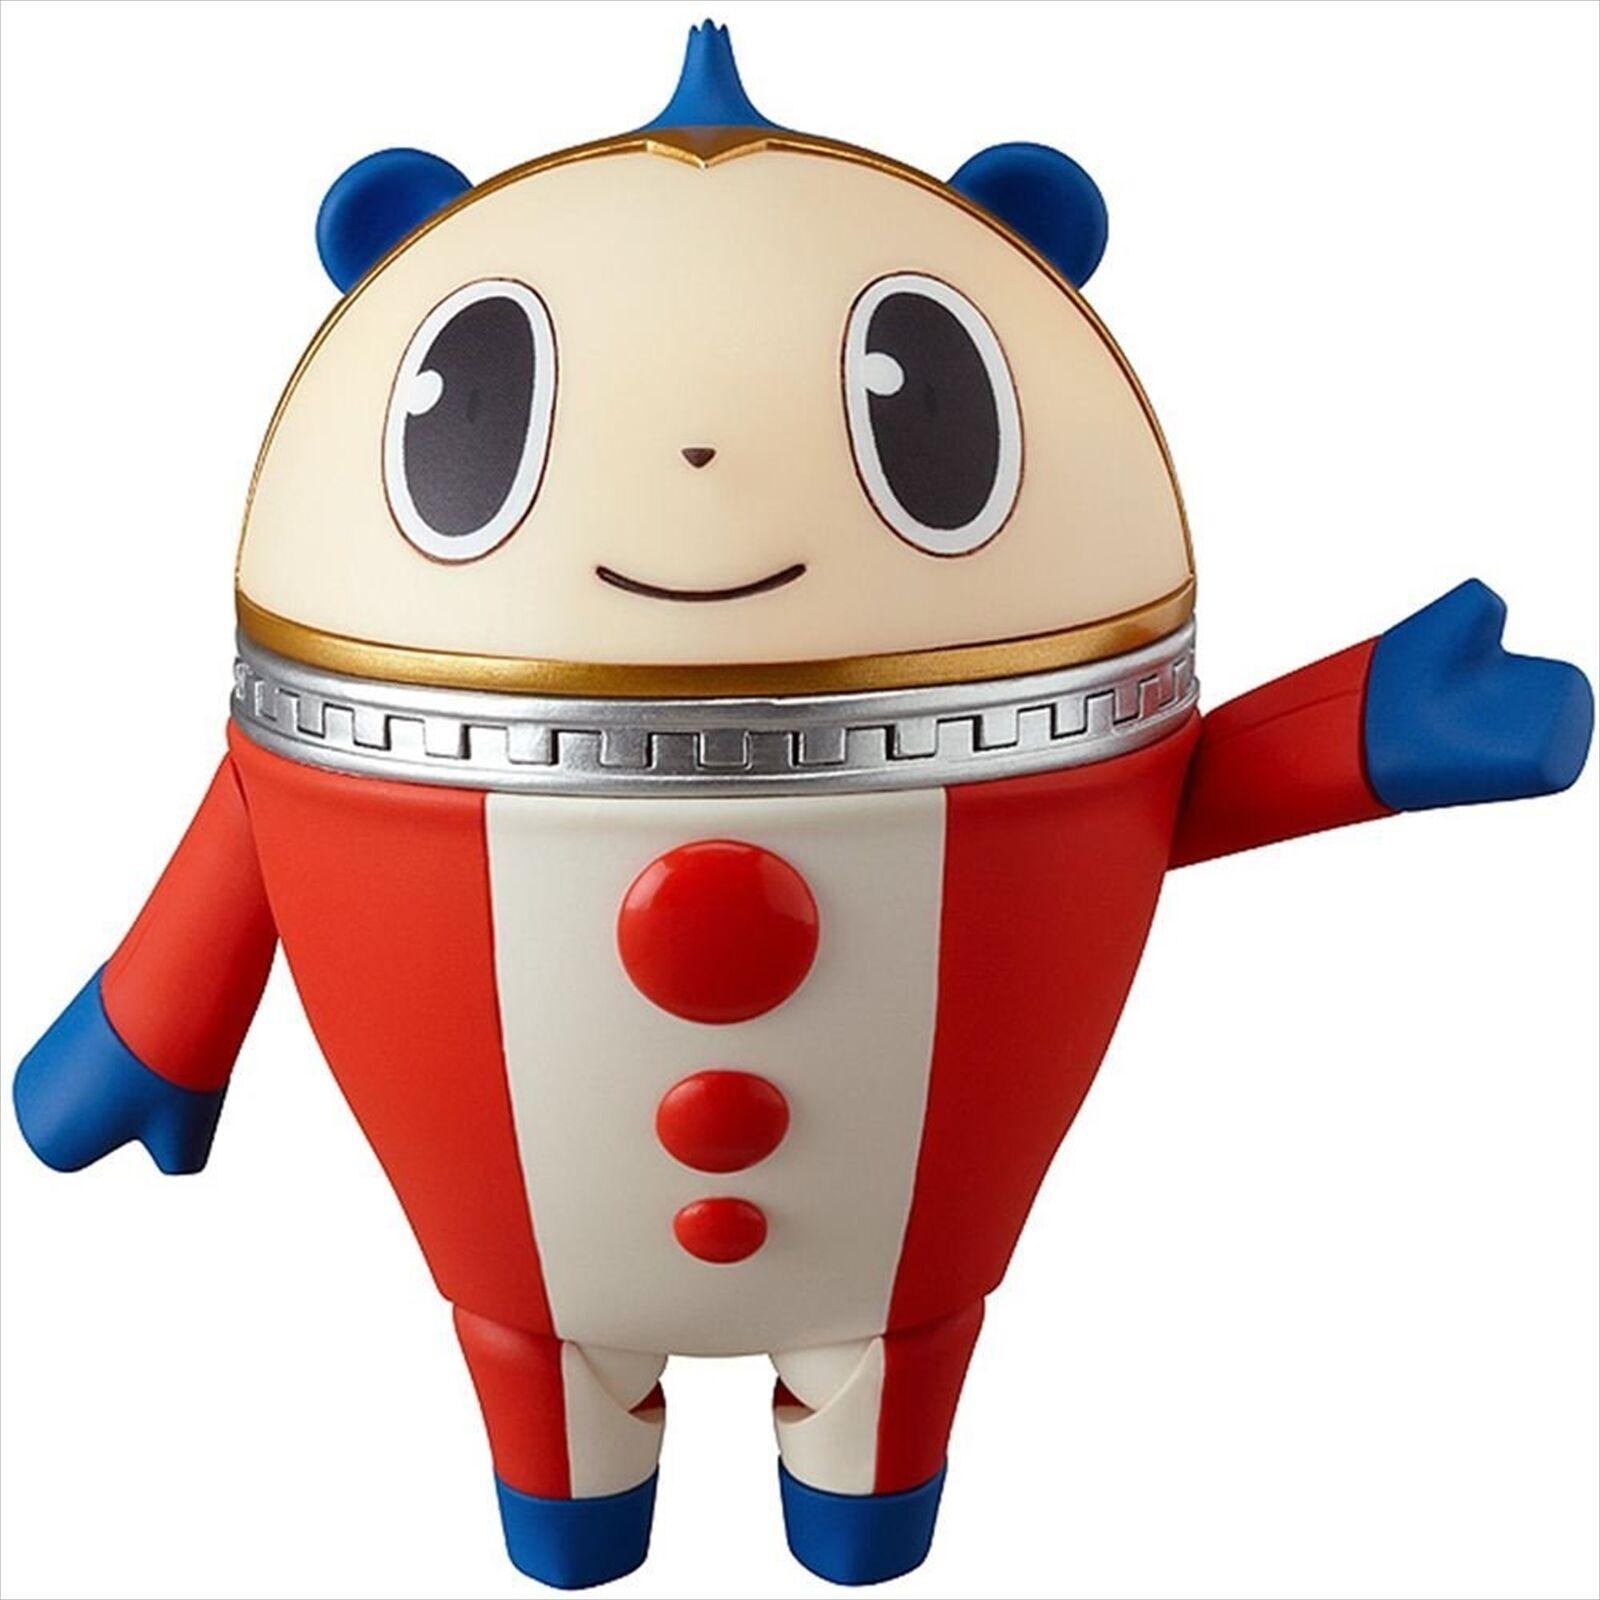 Good Smile Company TV animé Kuma Persona 4 Nendoroid Figura de acción